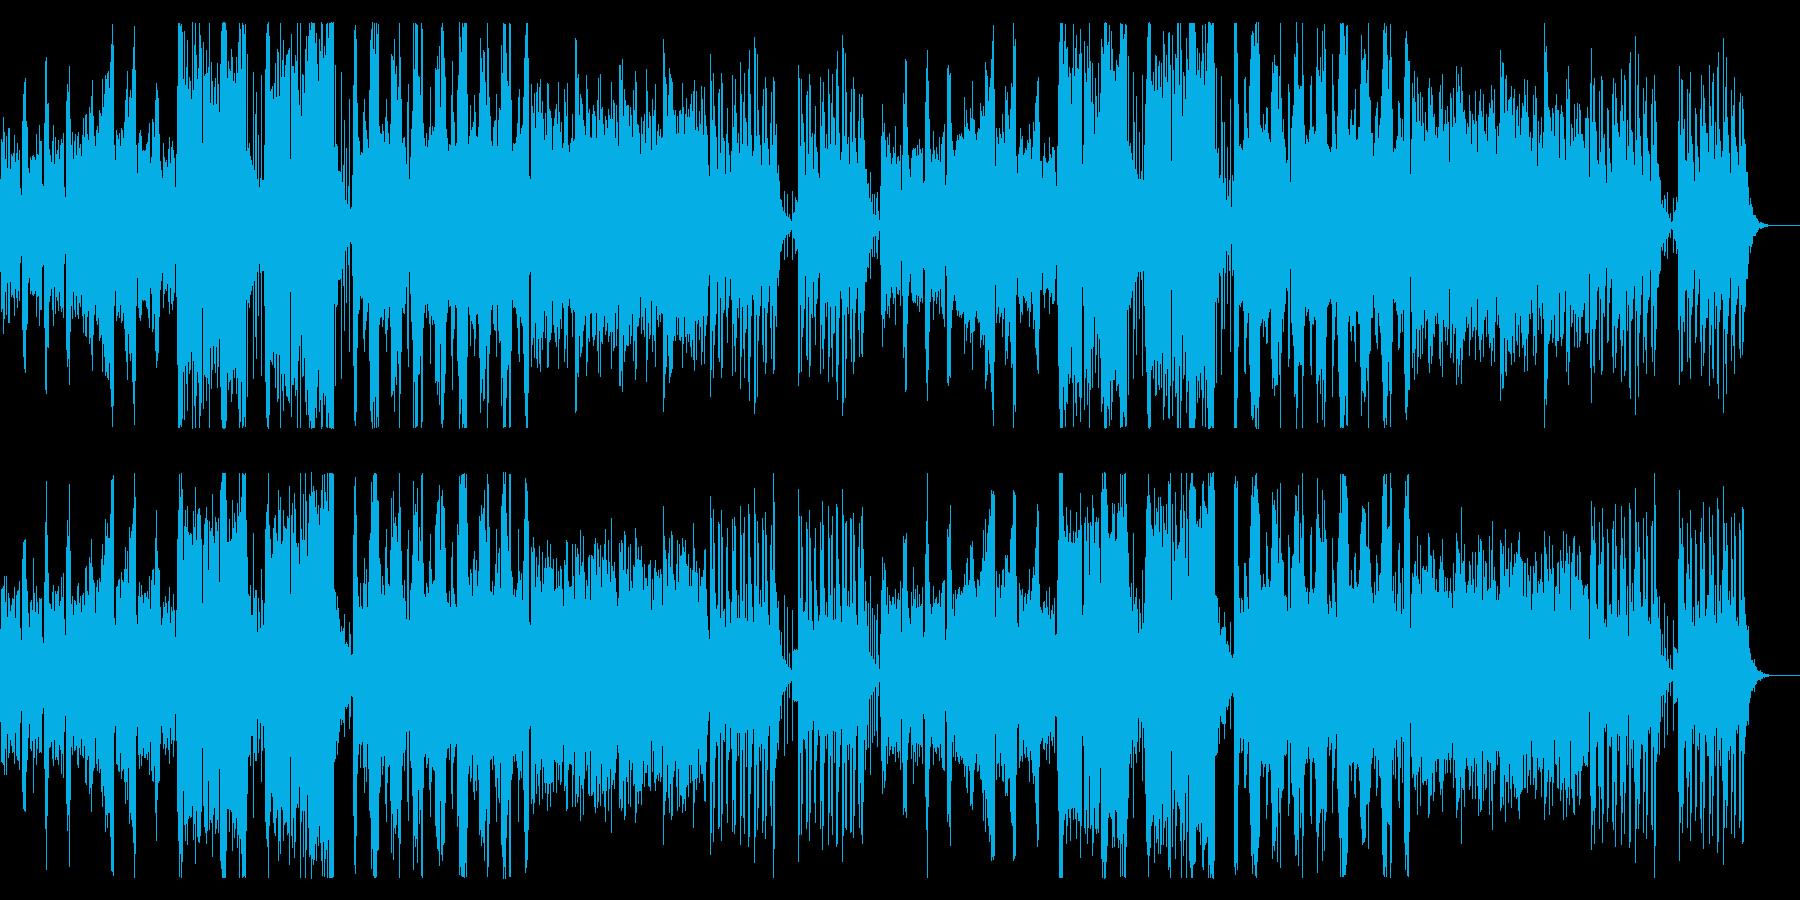 アコーディオンの怪しげな曲の再生済みの波形